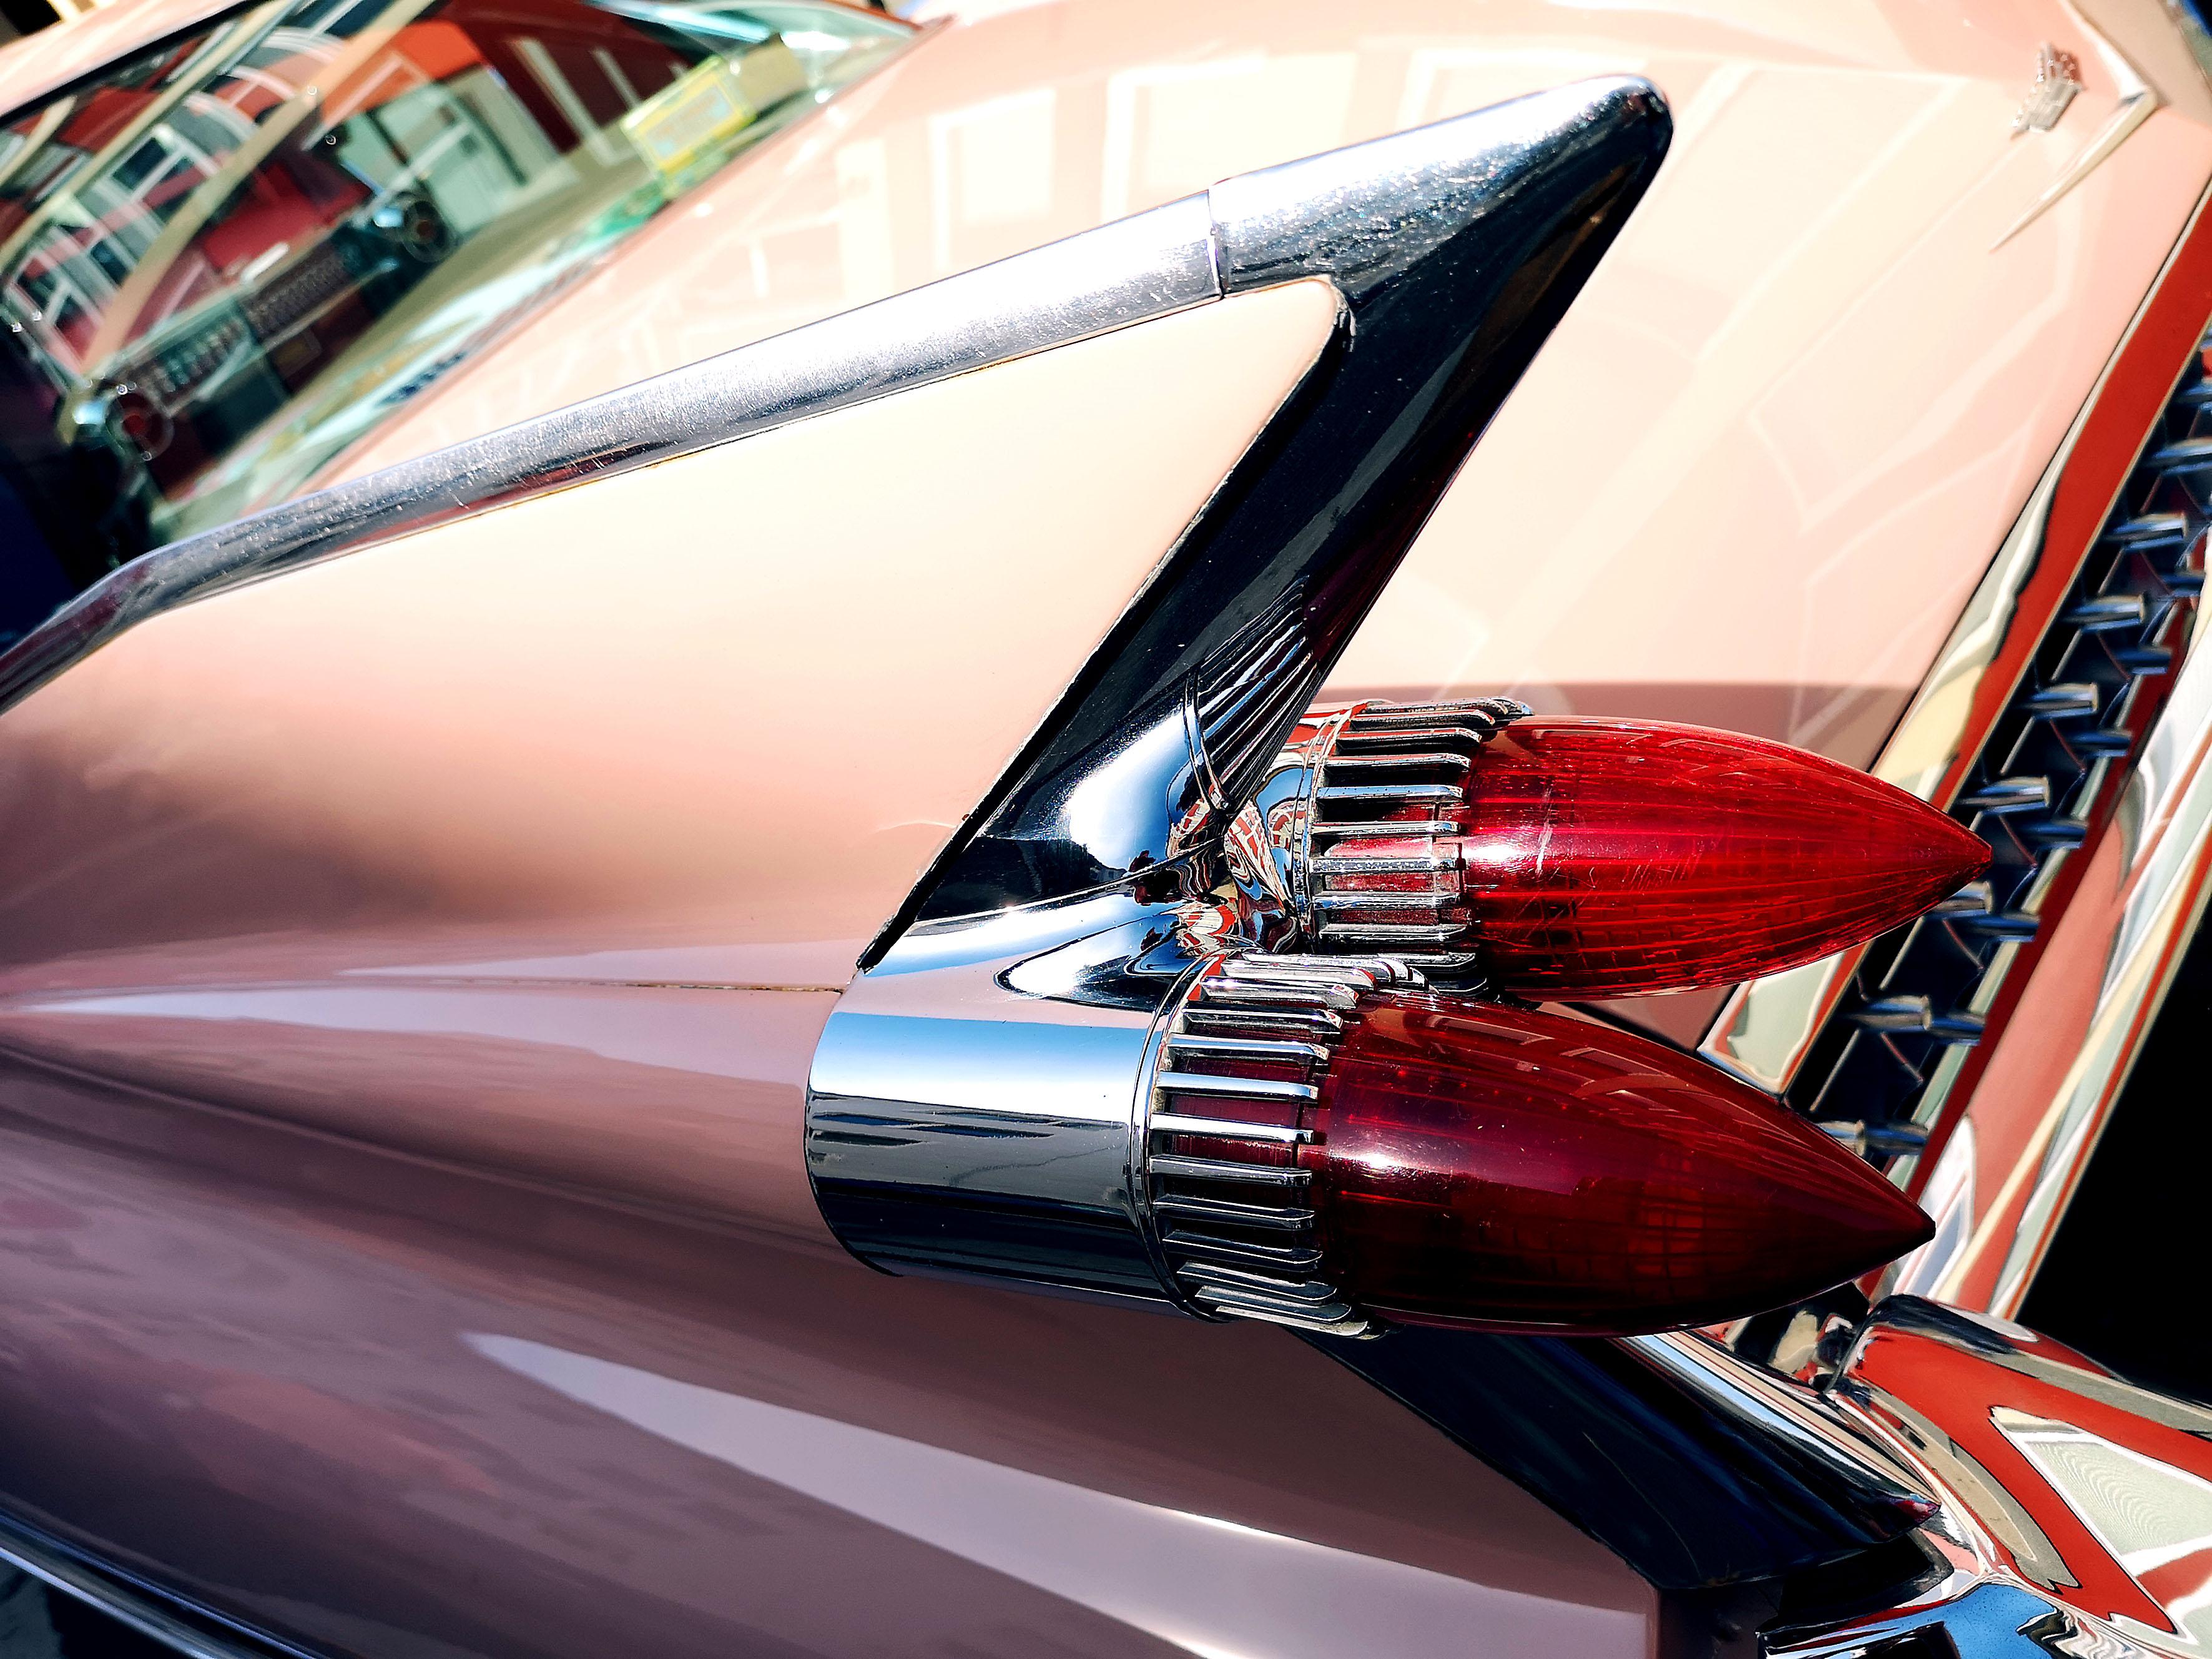 Pink Cadillac. Heckflossen in Perfektion! Foto: Michael B. Rehders